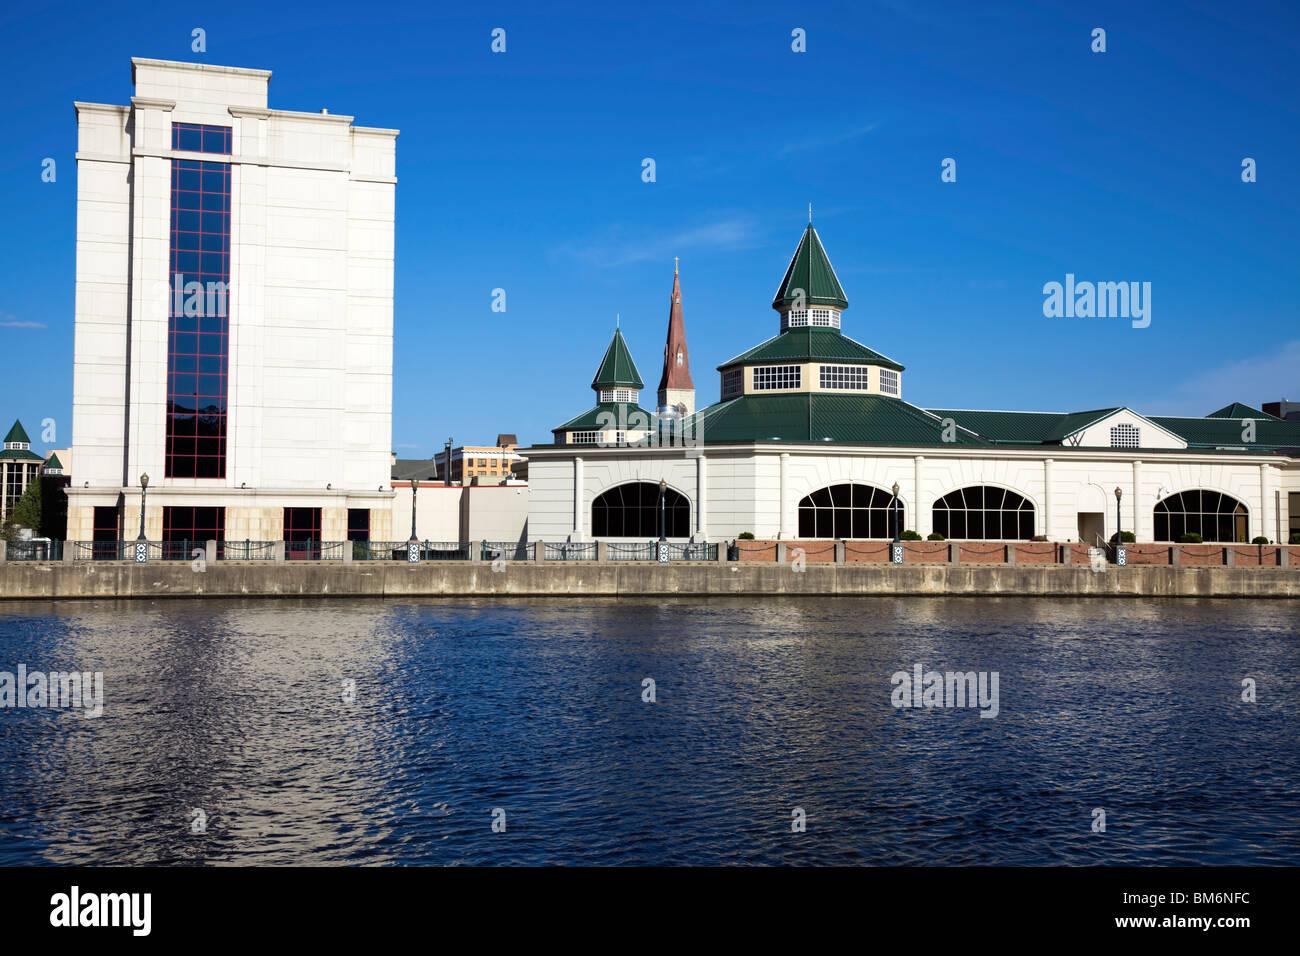 Downtown of Joliet, Illinois Stock Photo